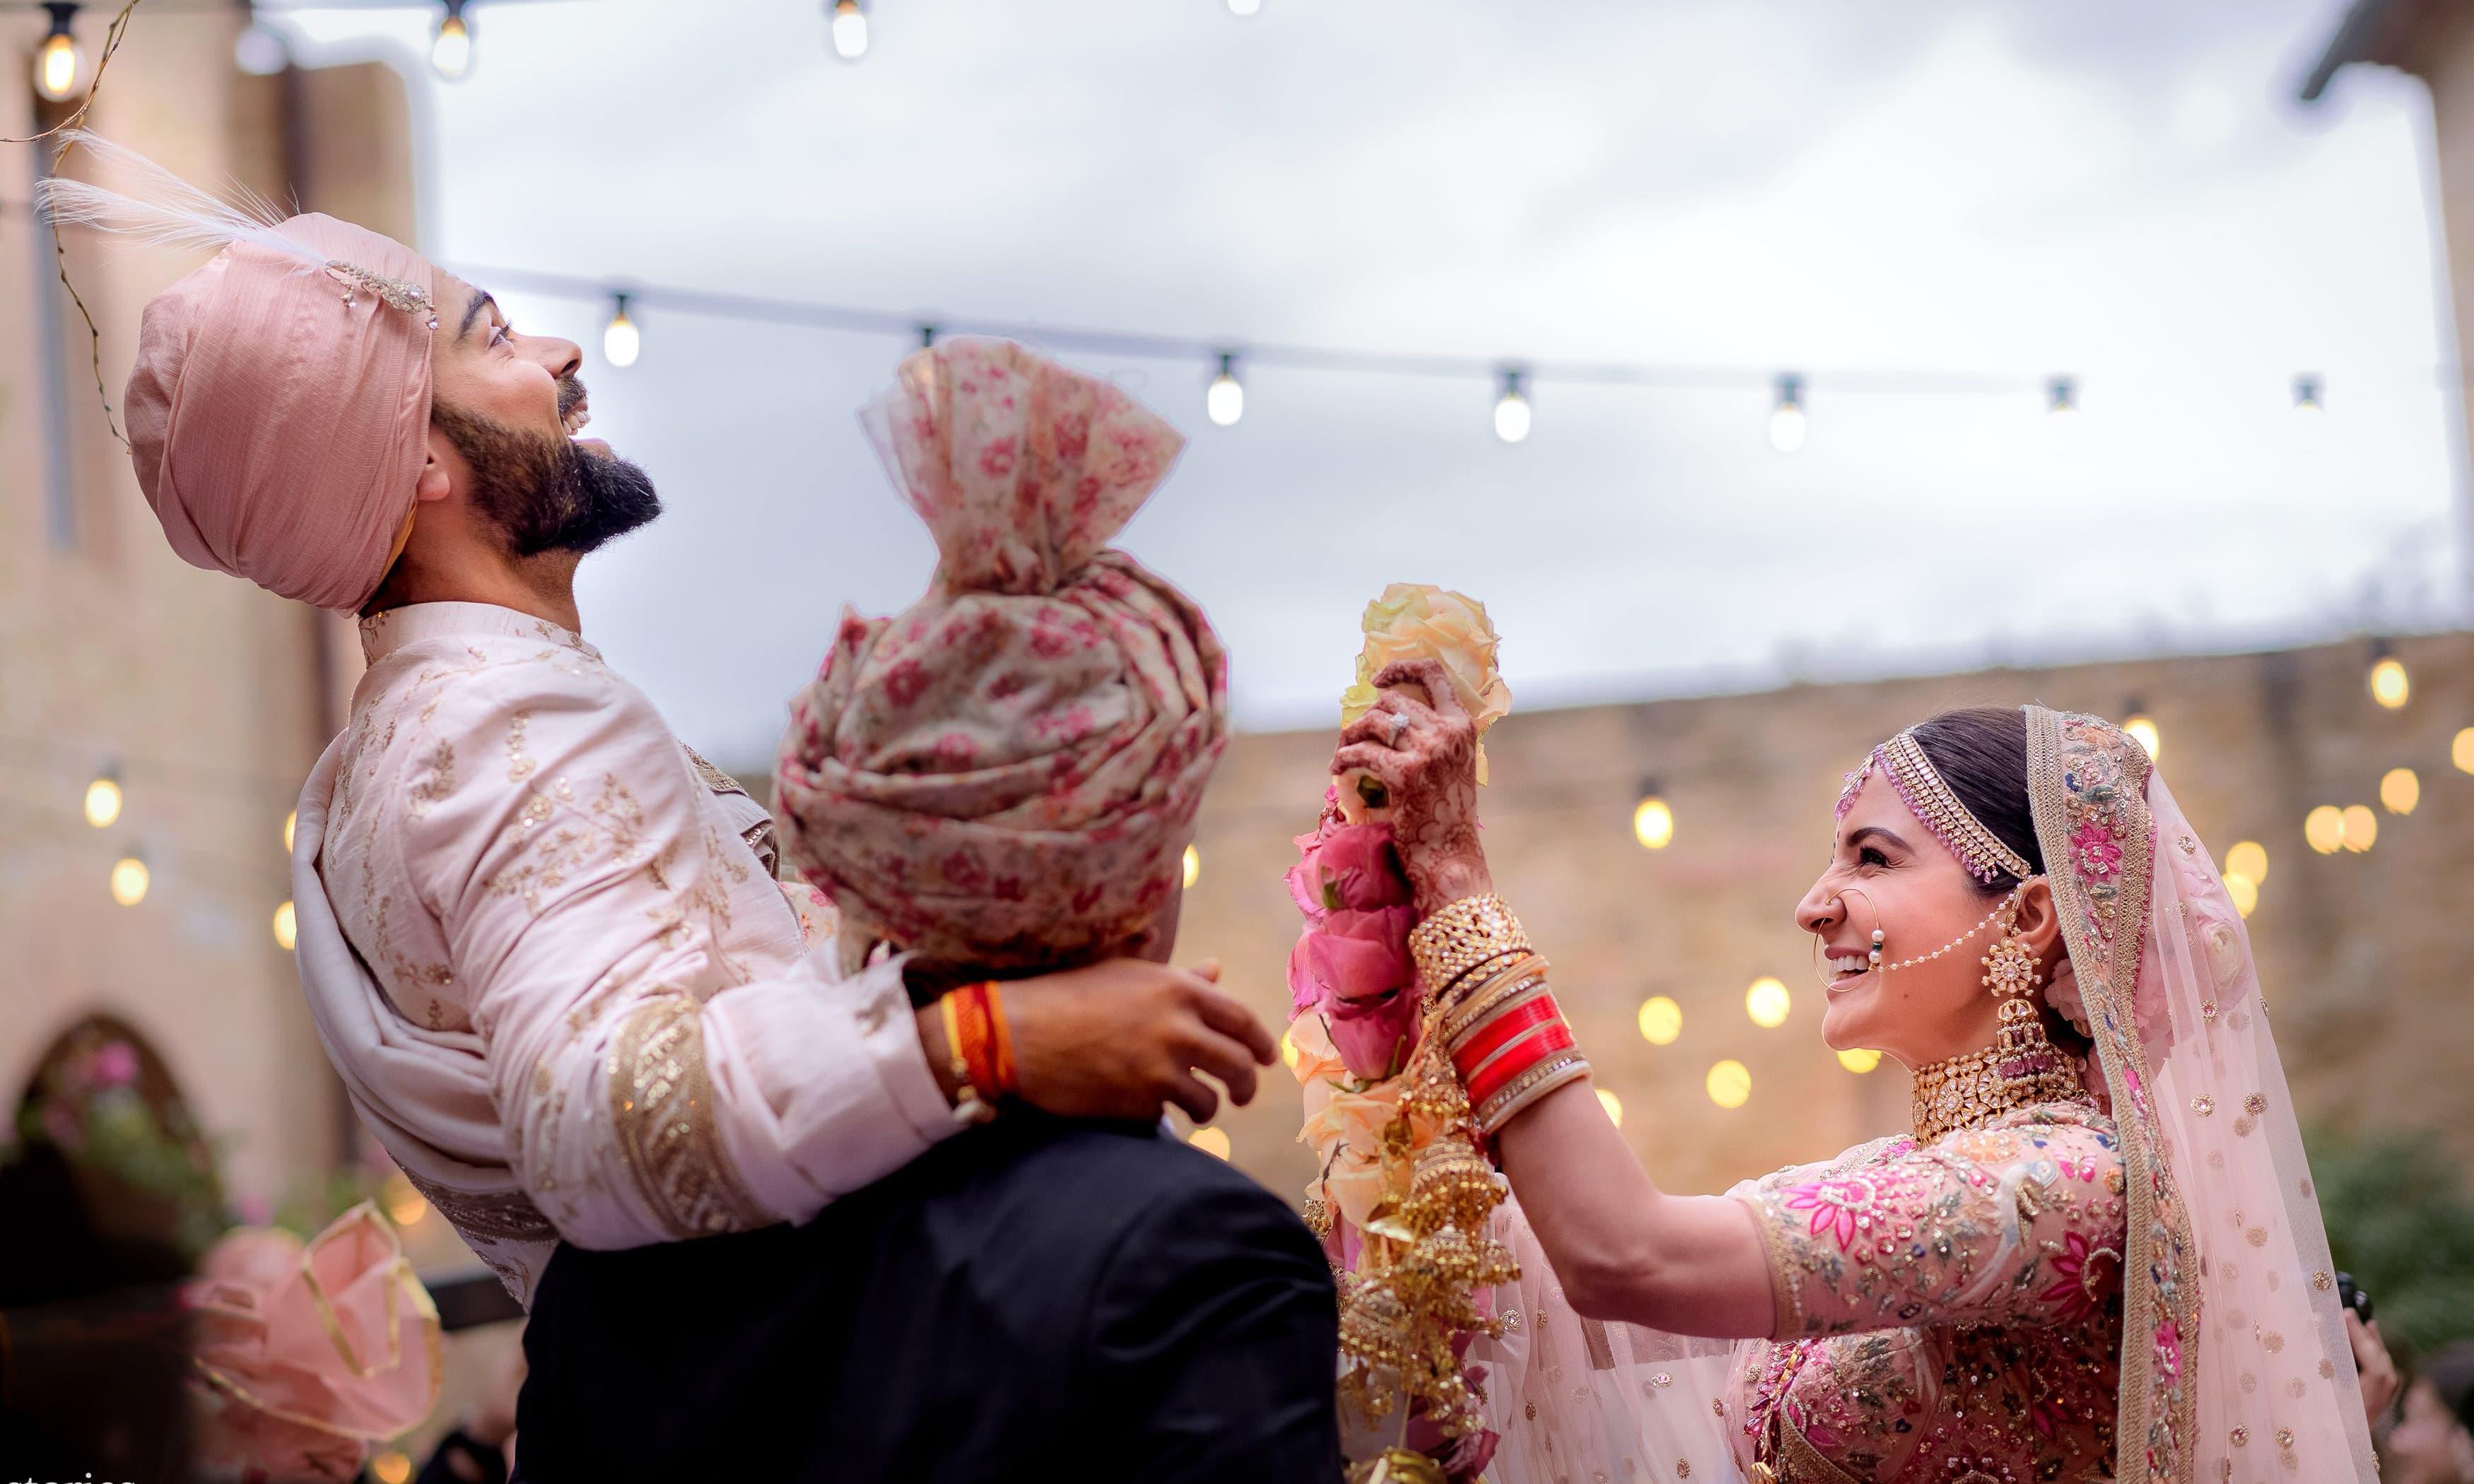 Virat Kohli and Anushka Sharma tie the knot in Italy - World - DAWN.COM